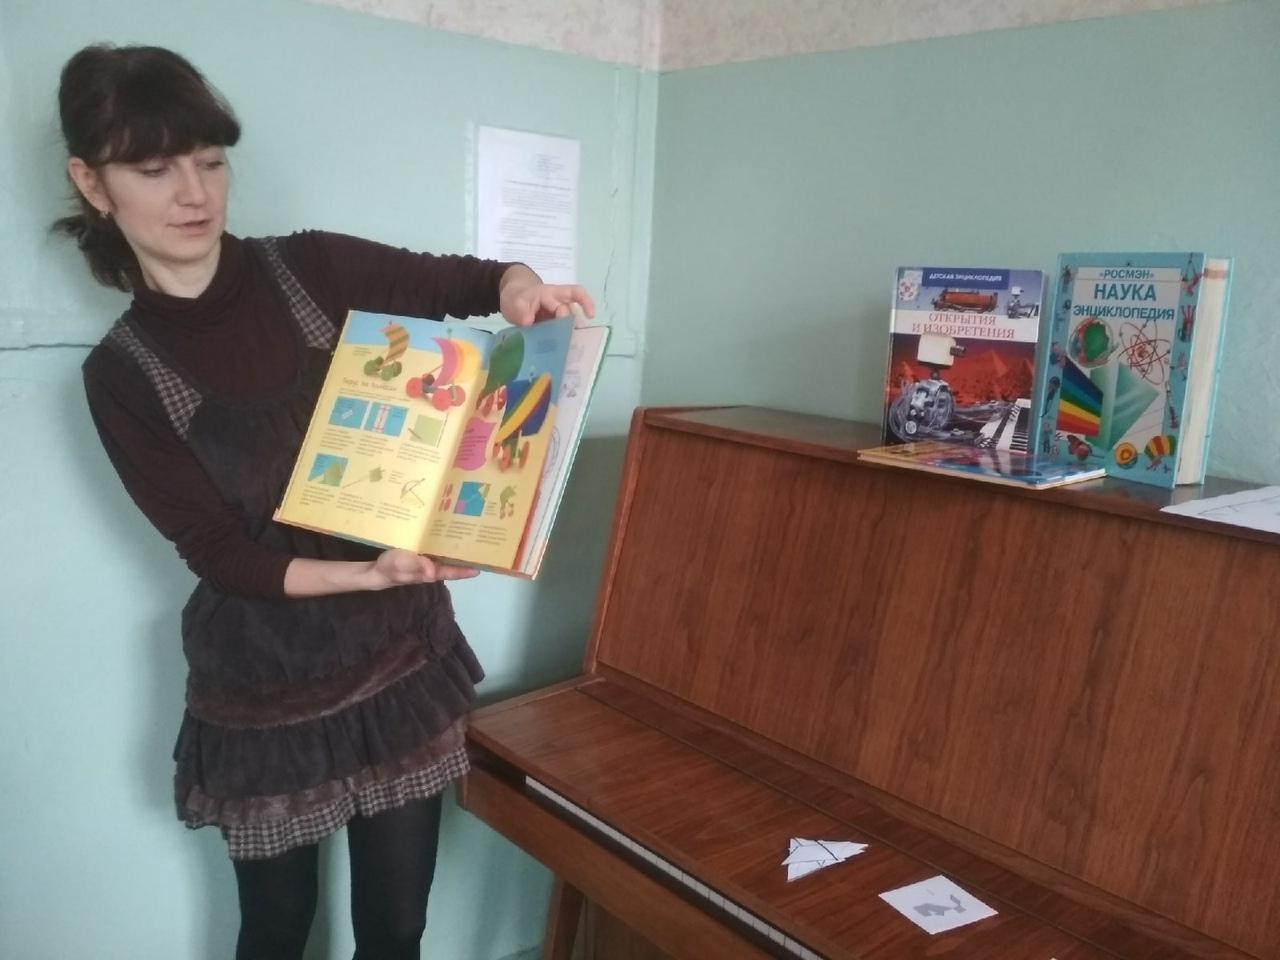 донецкая республиканская библиотека для детей, отдел организации досуга для детей, с библиотекой интересно, детям обо всем на свете